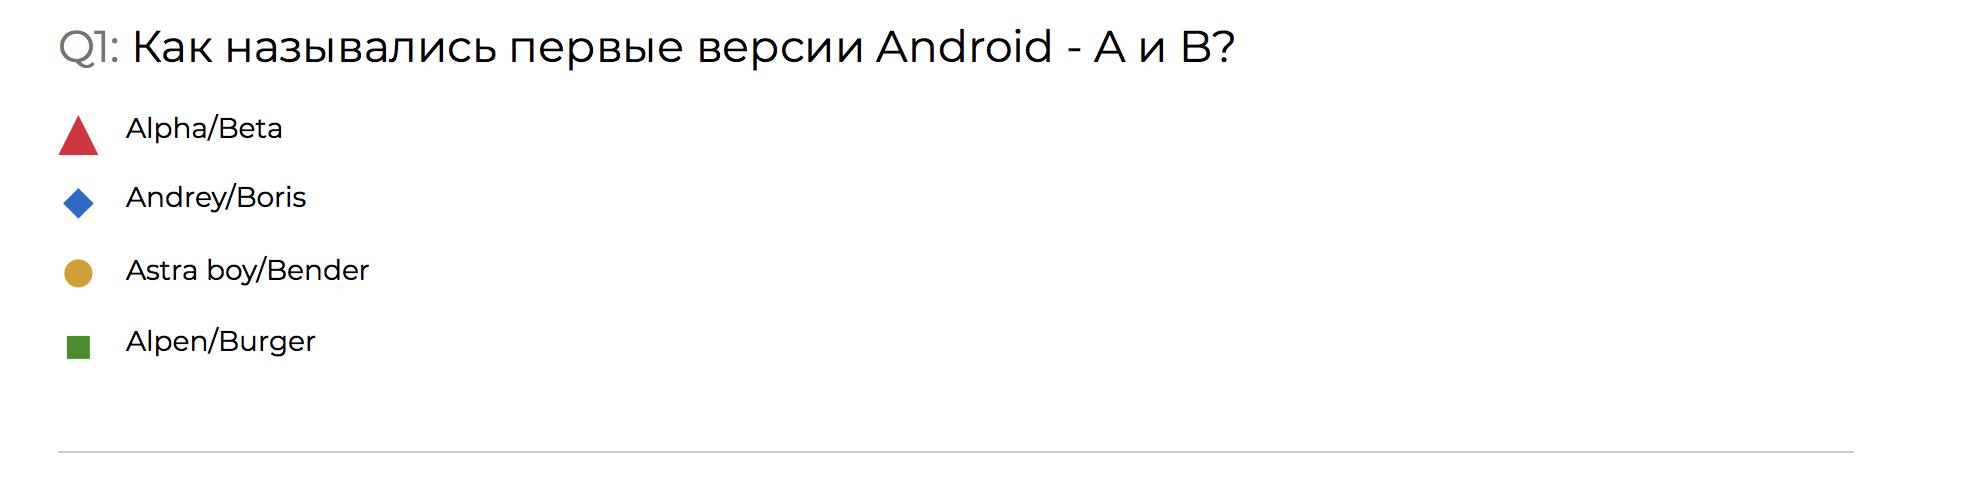 Разбор конкурса-квиза по Android со стенда HeadHunter на Mobius 2018 Moscow - 2